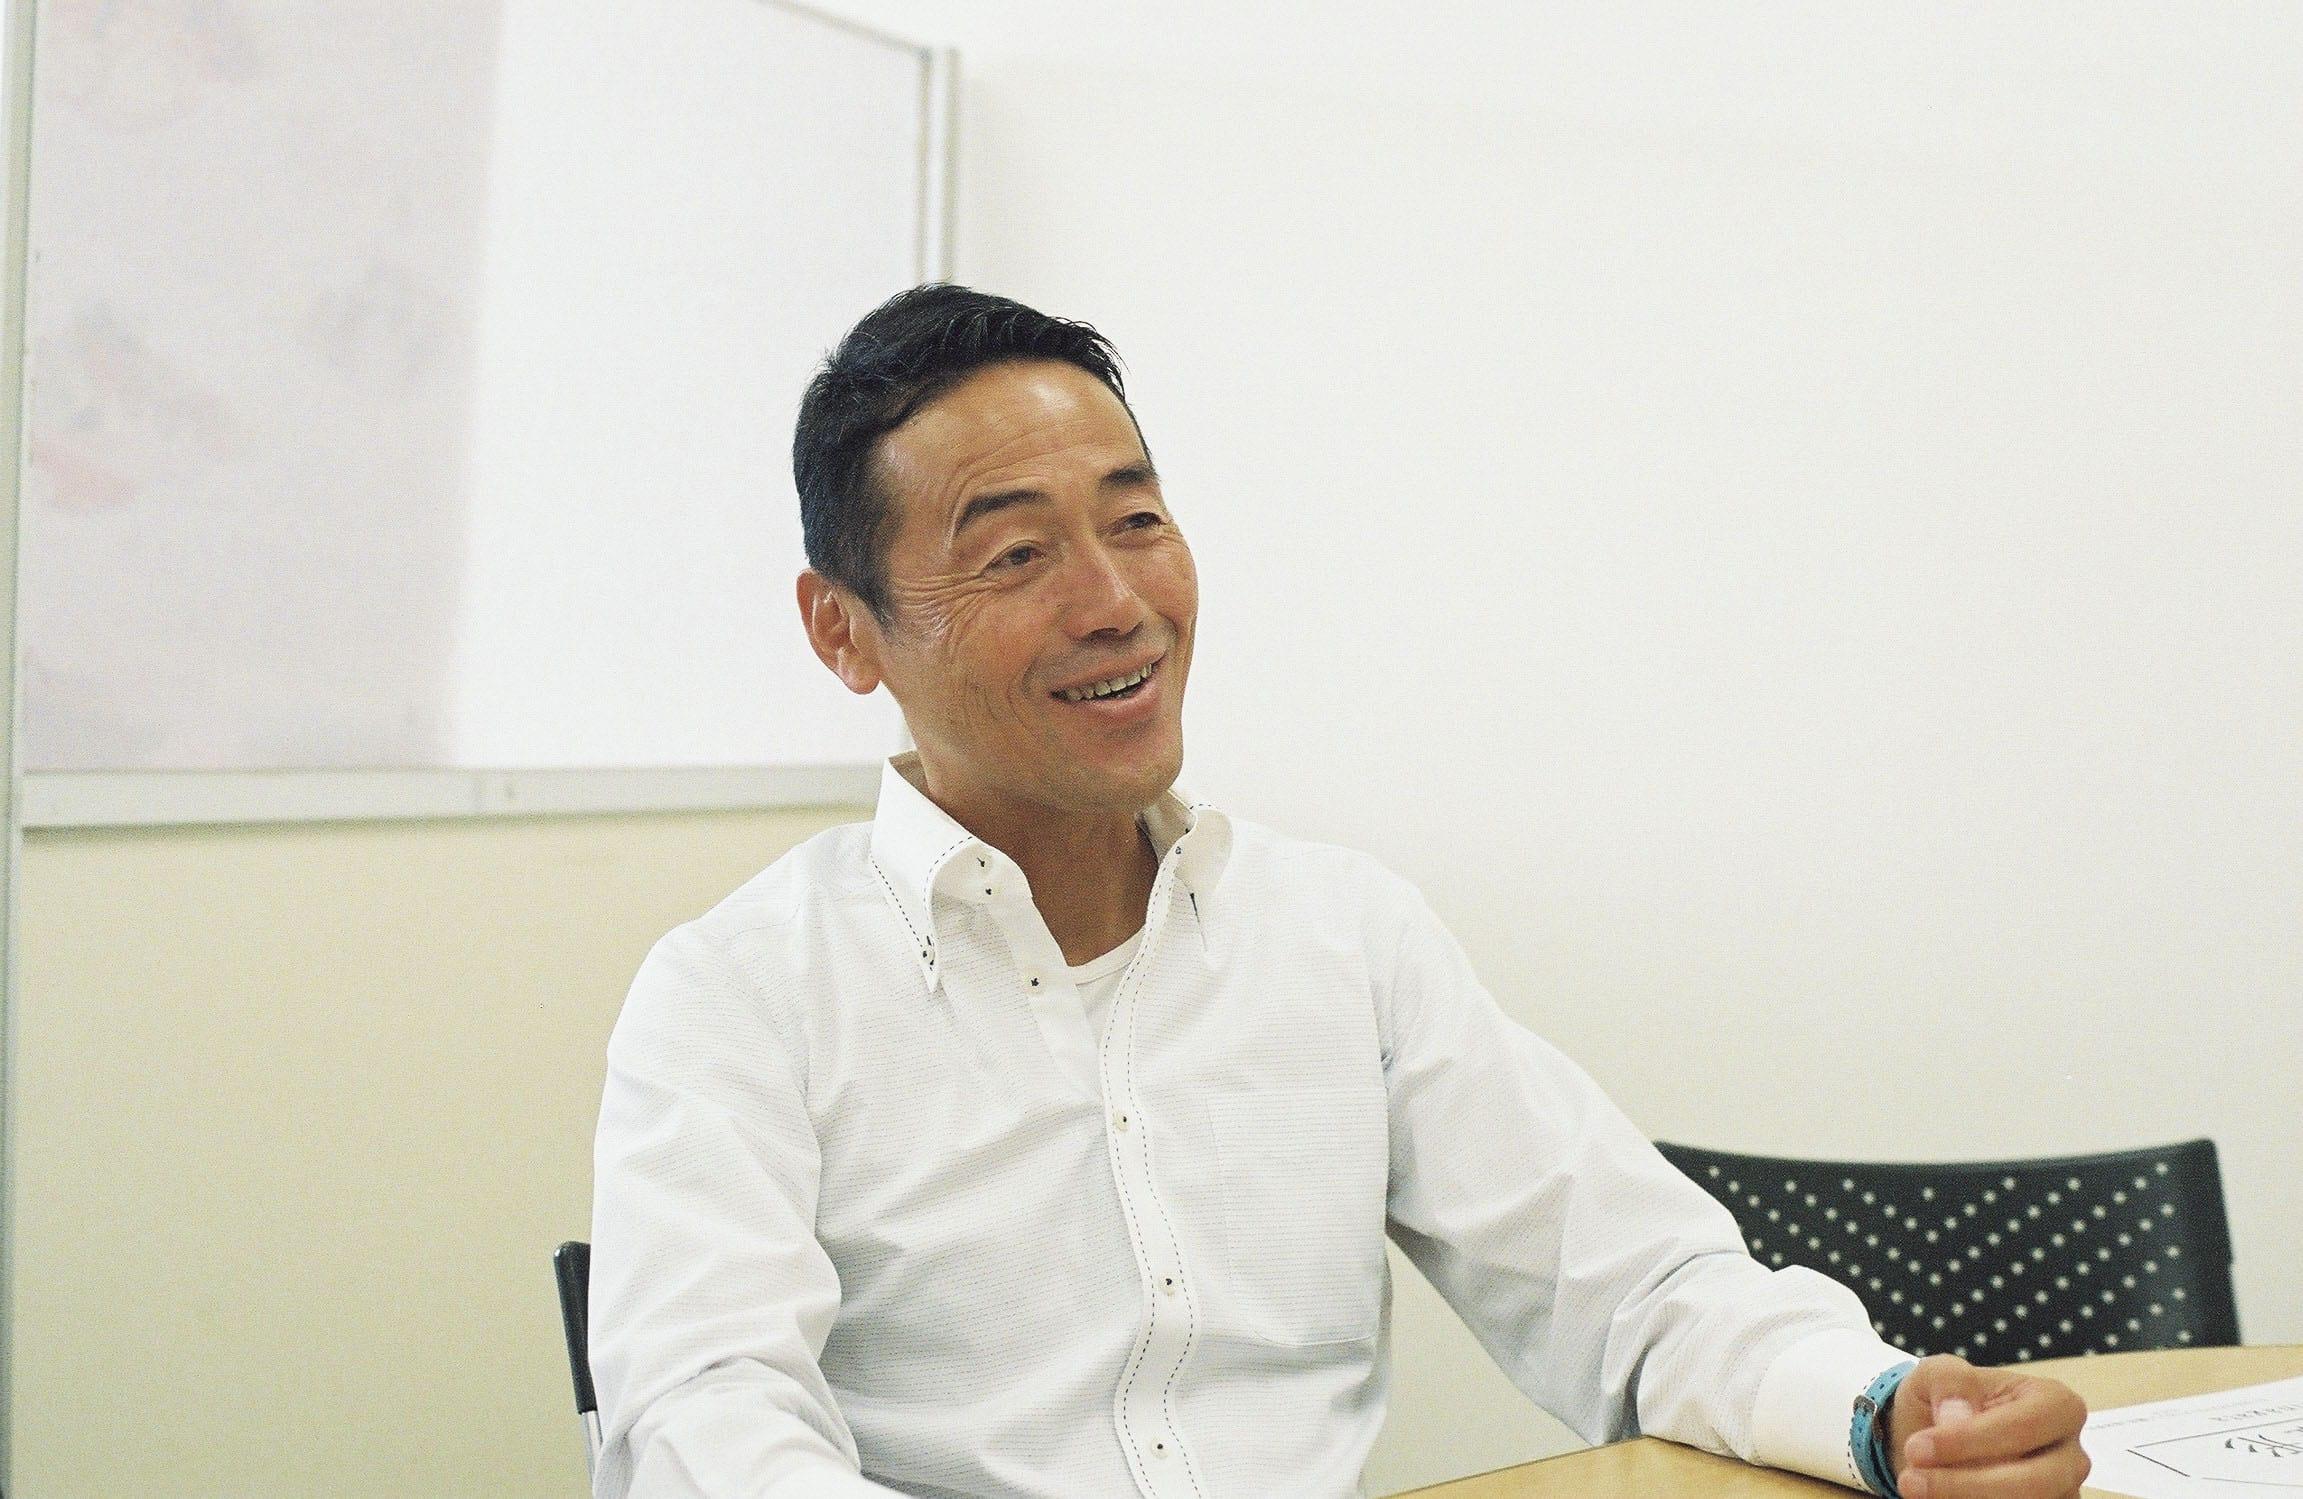 「兄貴!」と誰もが慕う、奈良県庁職員の福野博昭さん。人をつなぐ場所が「OFFICE CAMP」なら、福野さんも同じく媒介となり、地元の人と移住したクリエイターたちをつなげている。